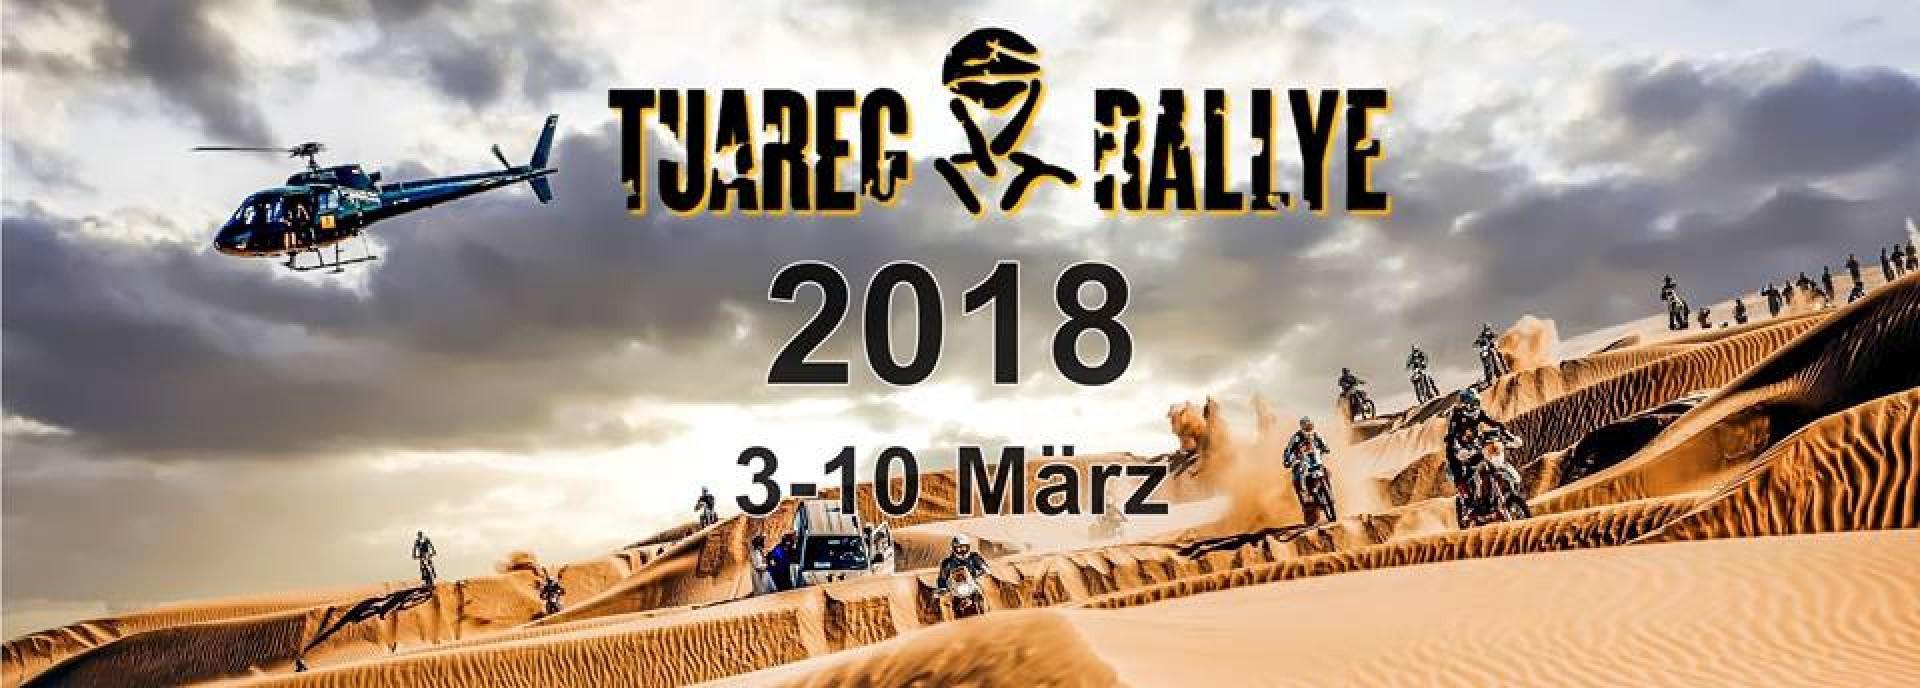 Tuareg Rallye: Parcours et programme de l'édition 2018